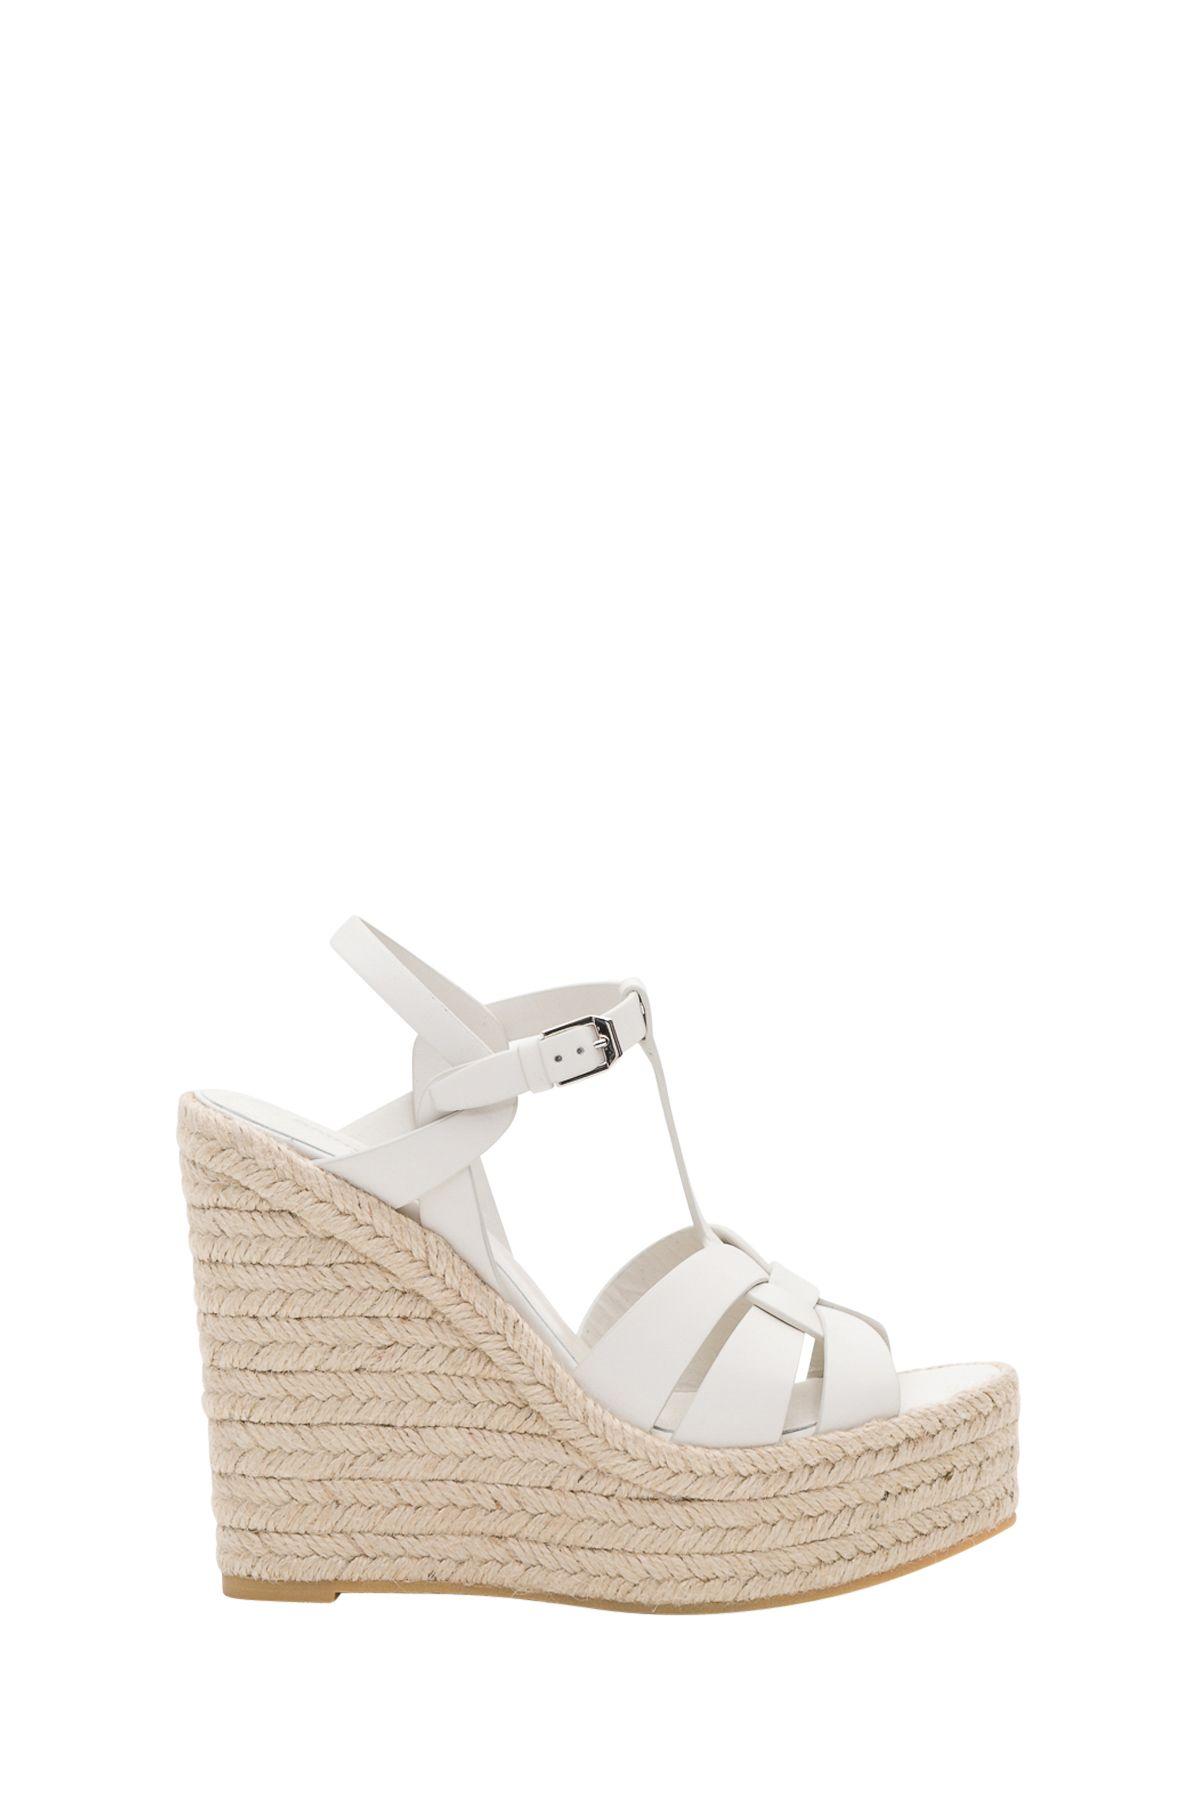 a831342e0f3 Saint Laurent Saint Laurent Espadrille Wedge Sandal In Leather ...